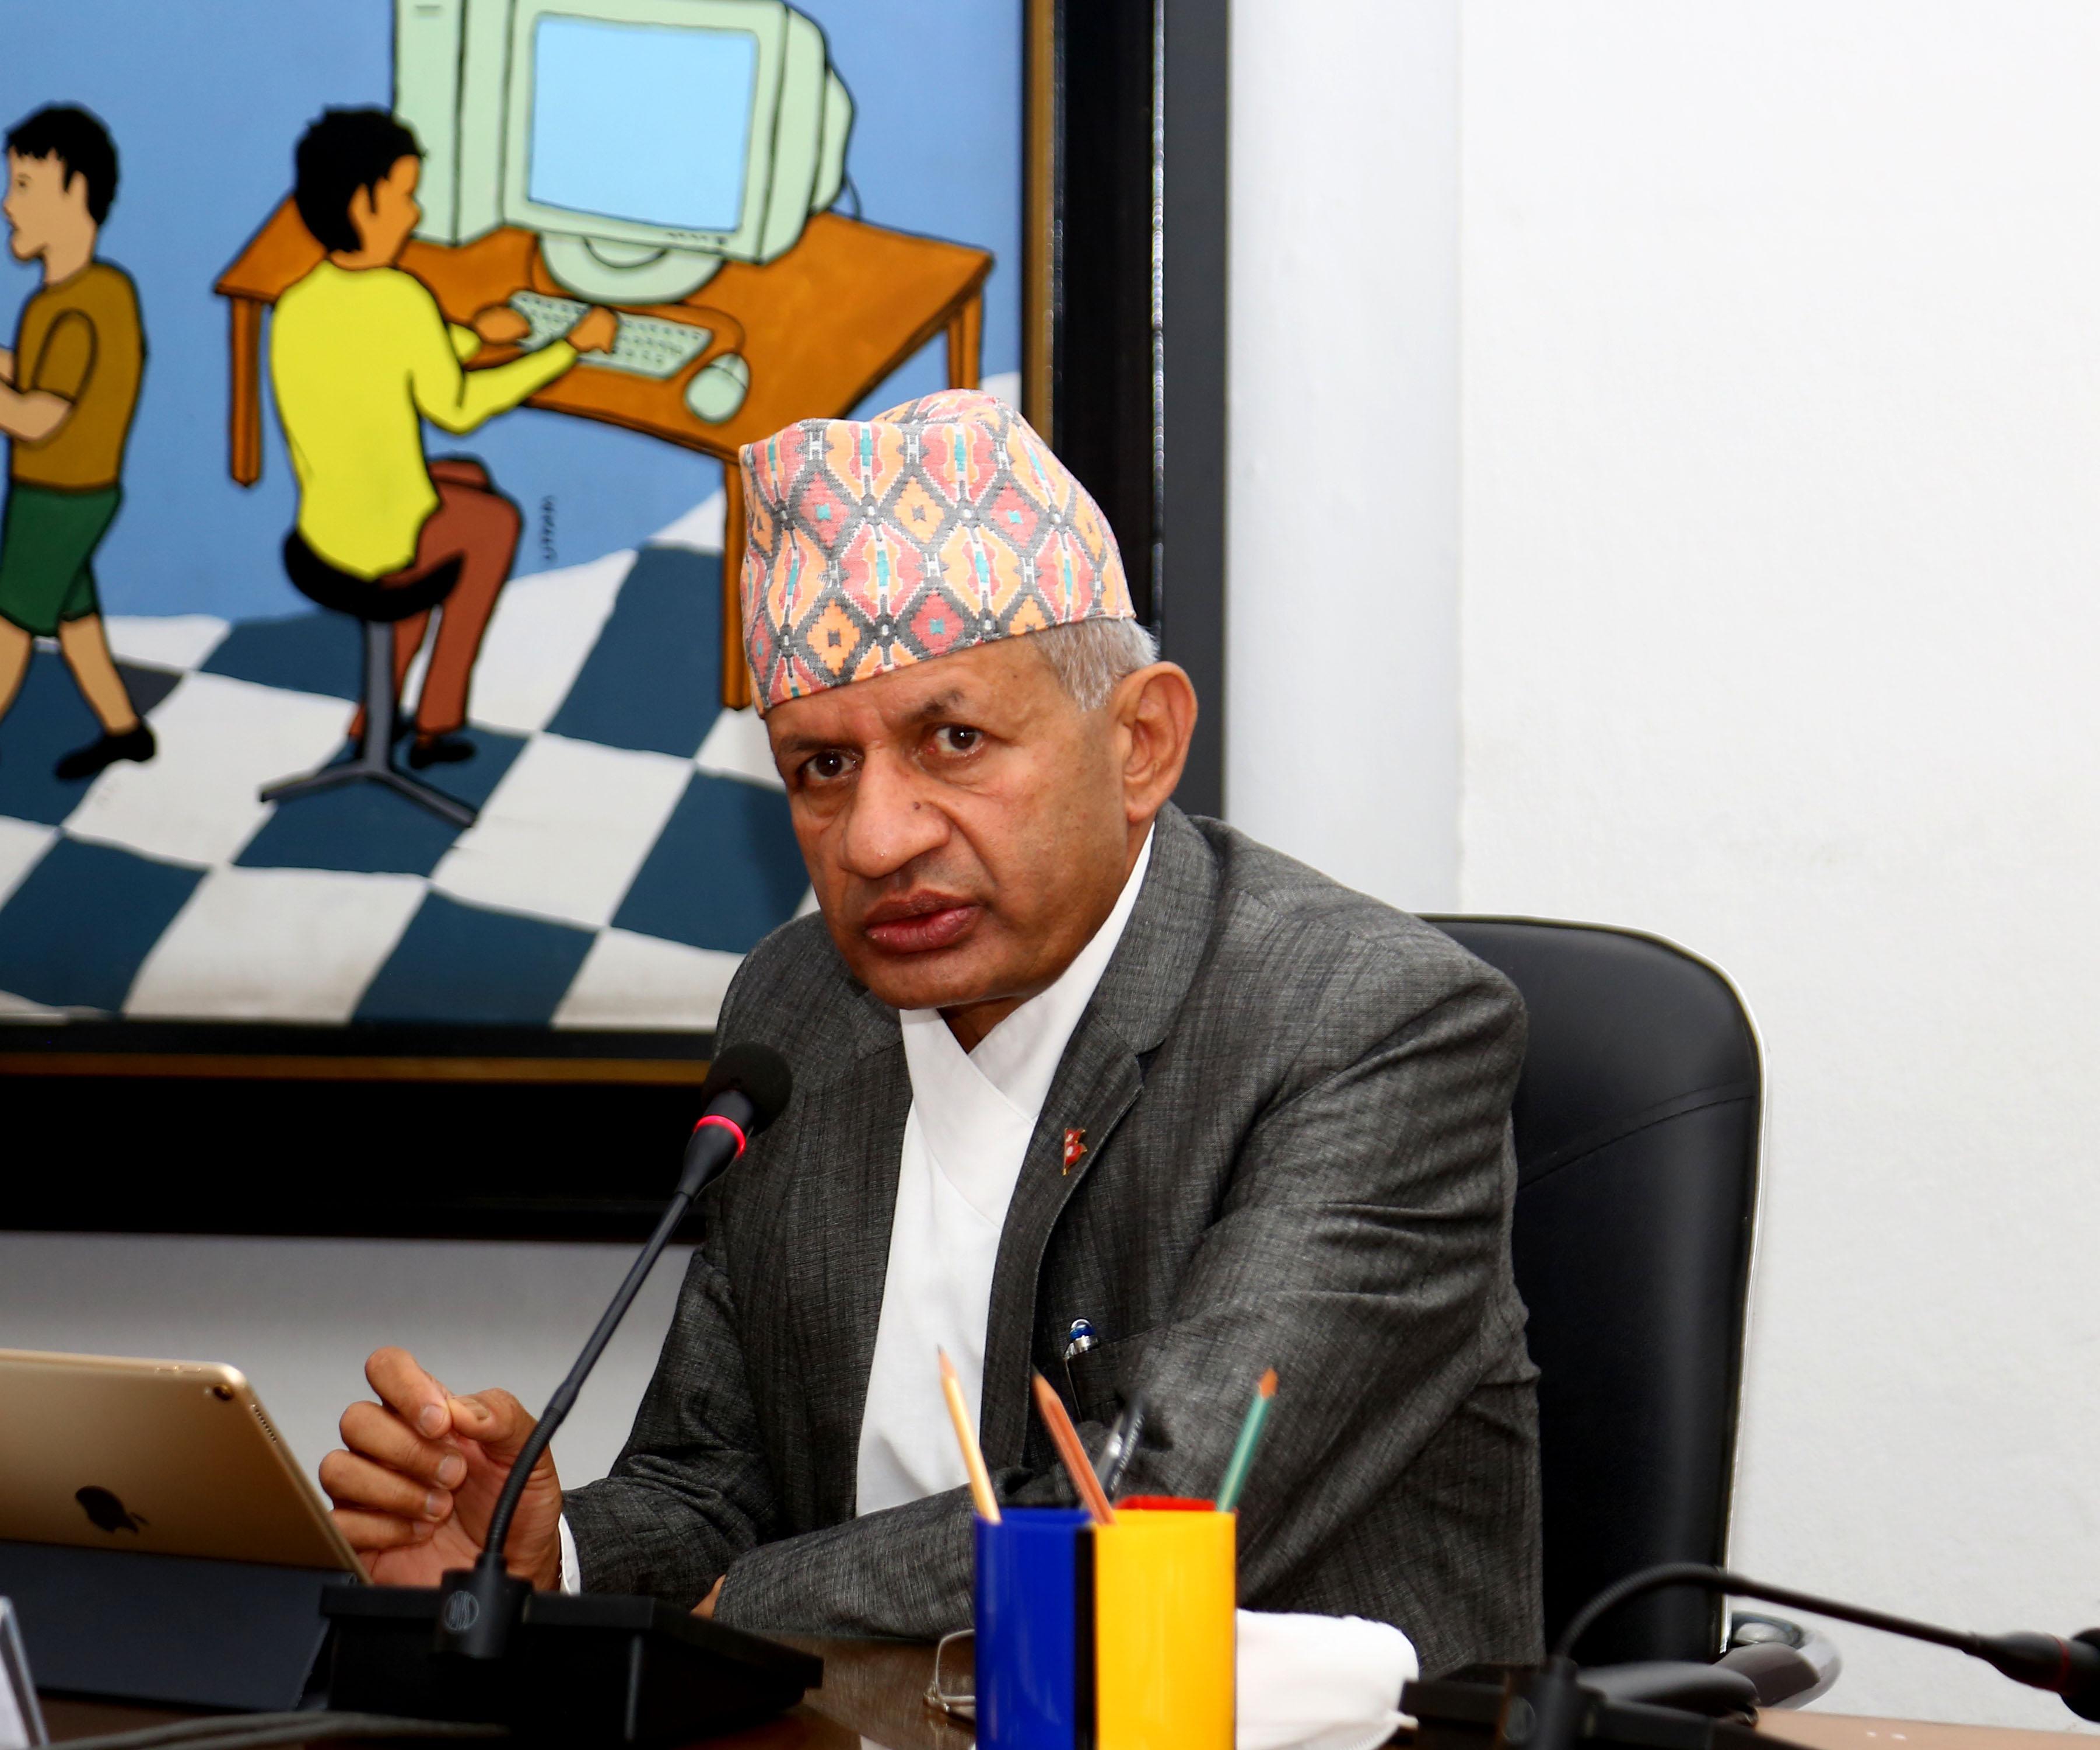 'सरकार भारतसँग अविलम्ब वार्ता गर्न चाहन्छ'